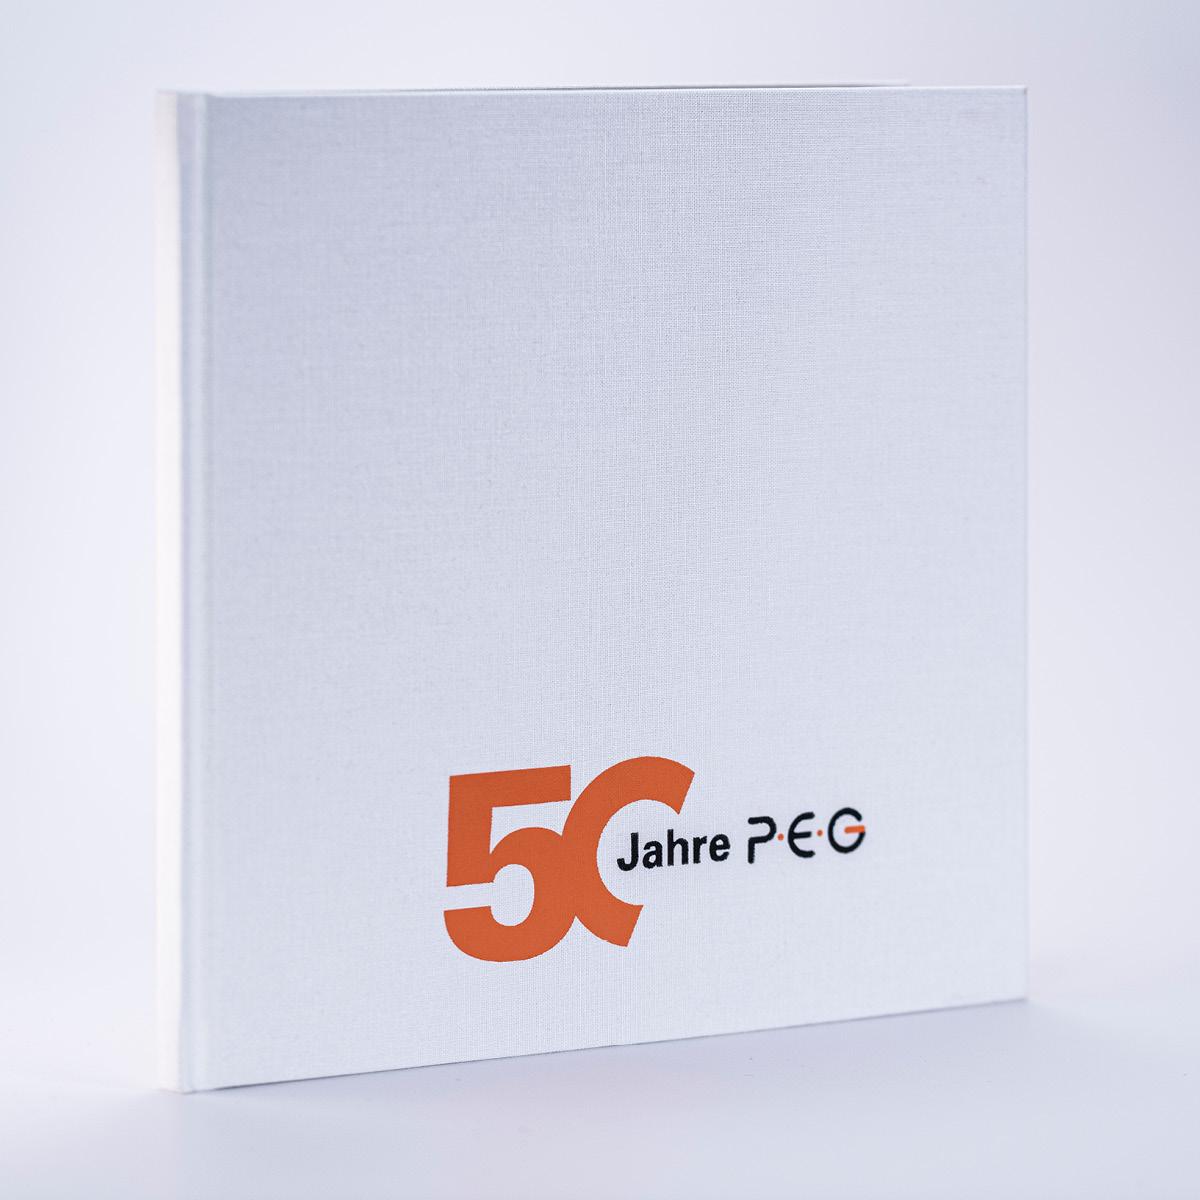 Hochwertiges Hardcover Buch für das Jubiläum der PEG.